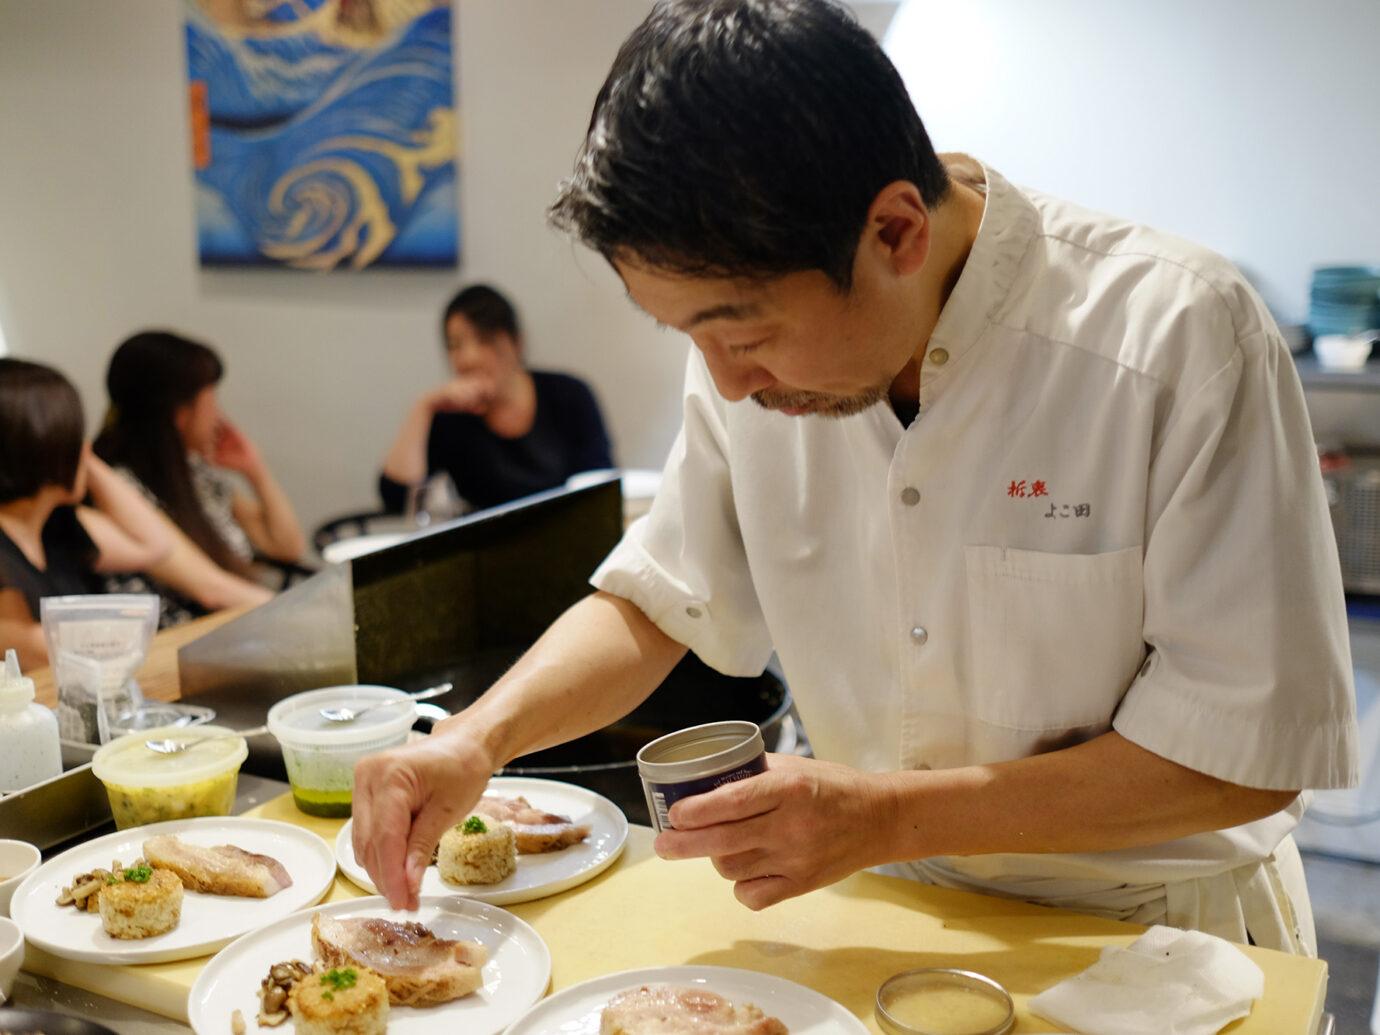 Chef plating dishes at Secchu Yokota